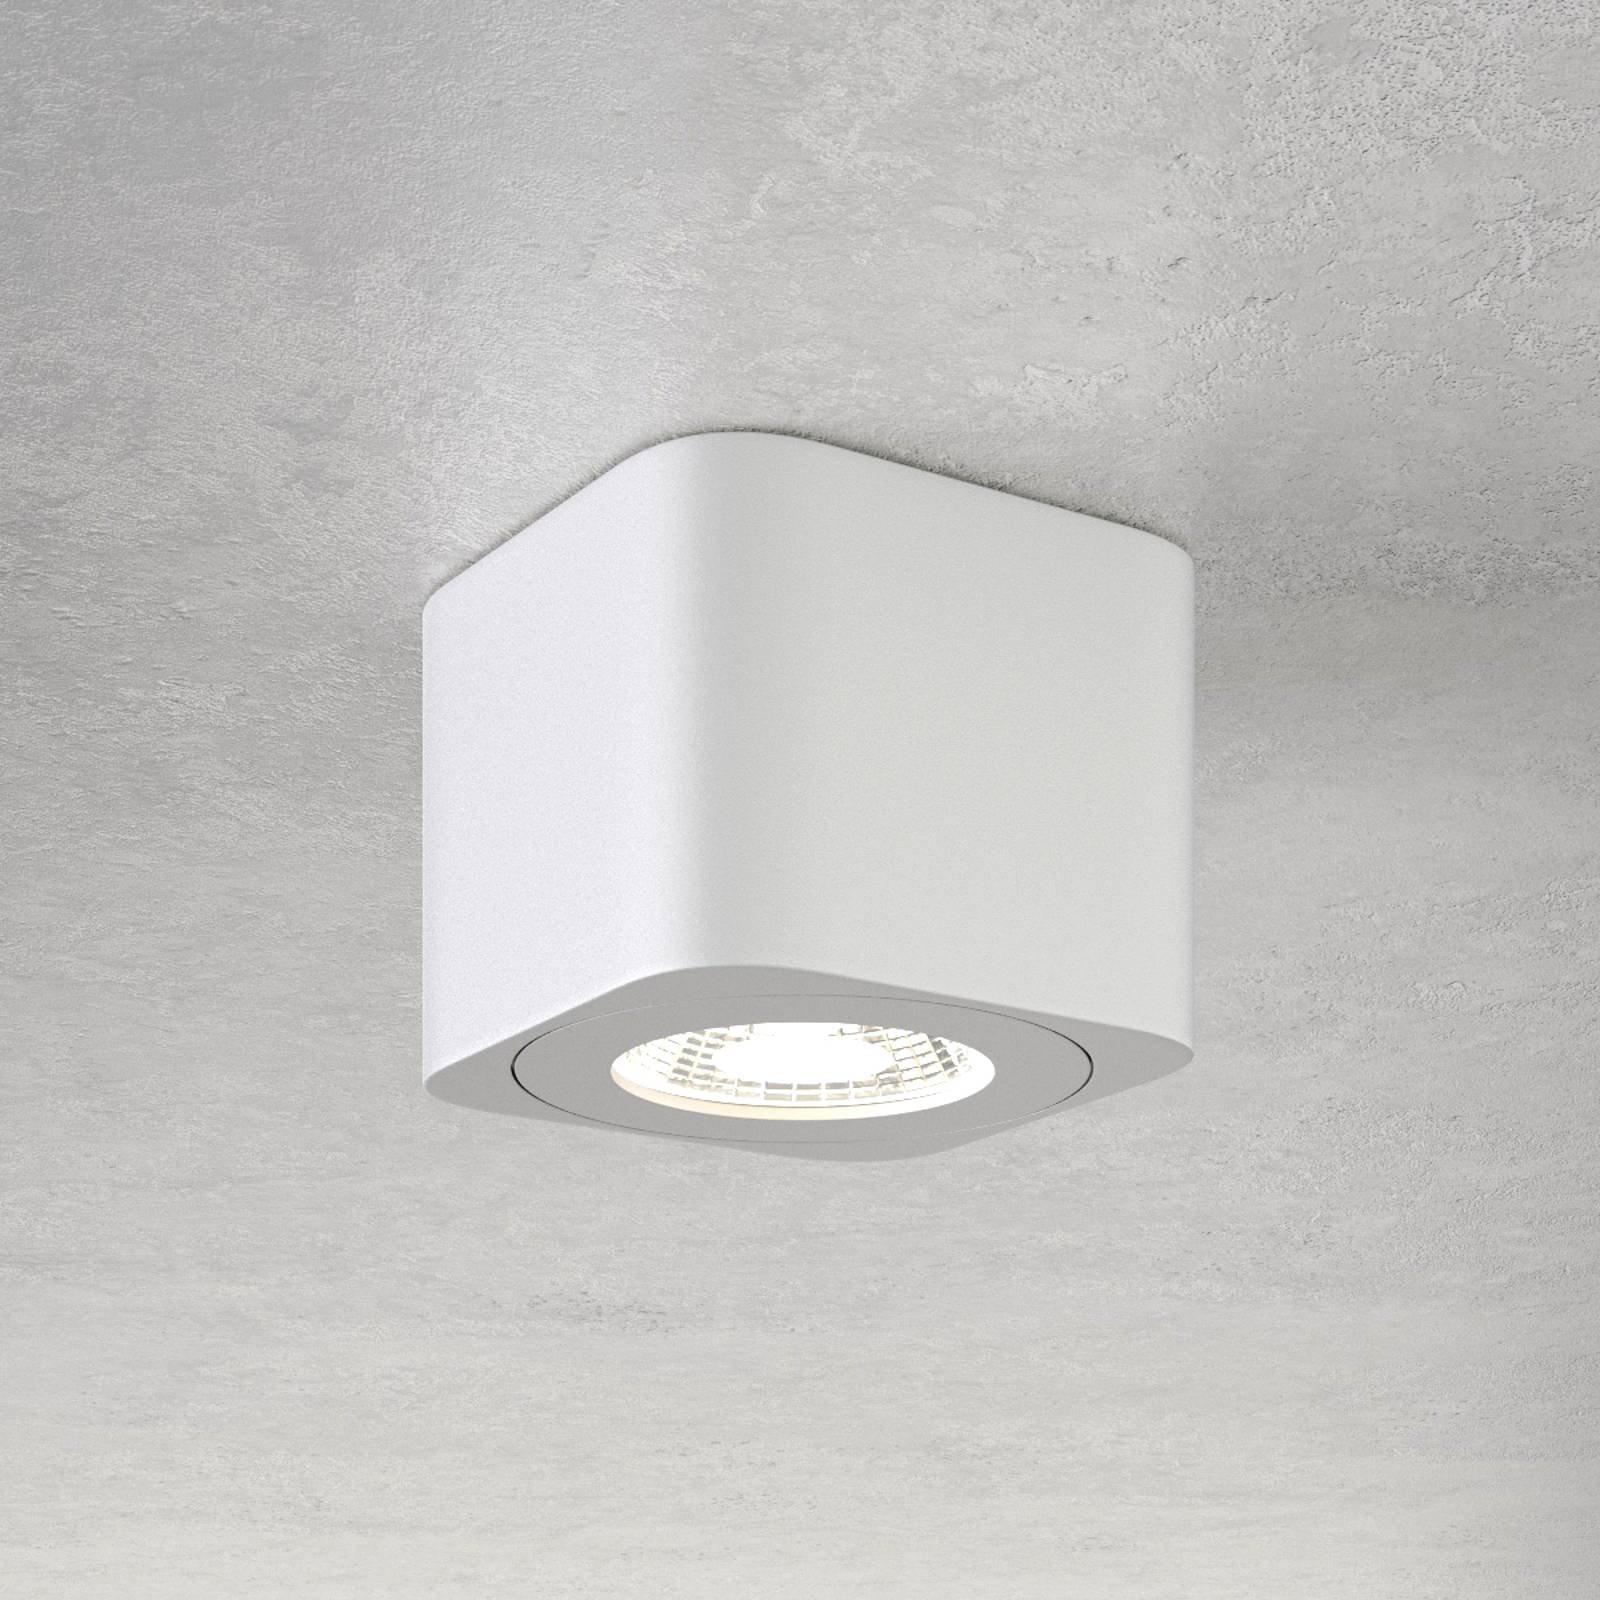 Firkantet LED-downlight Palmi i hvitt